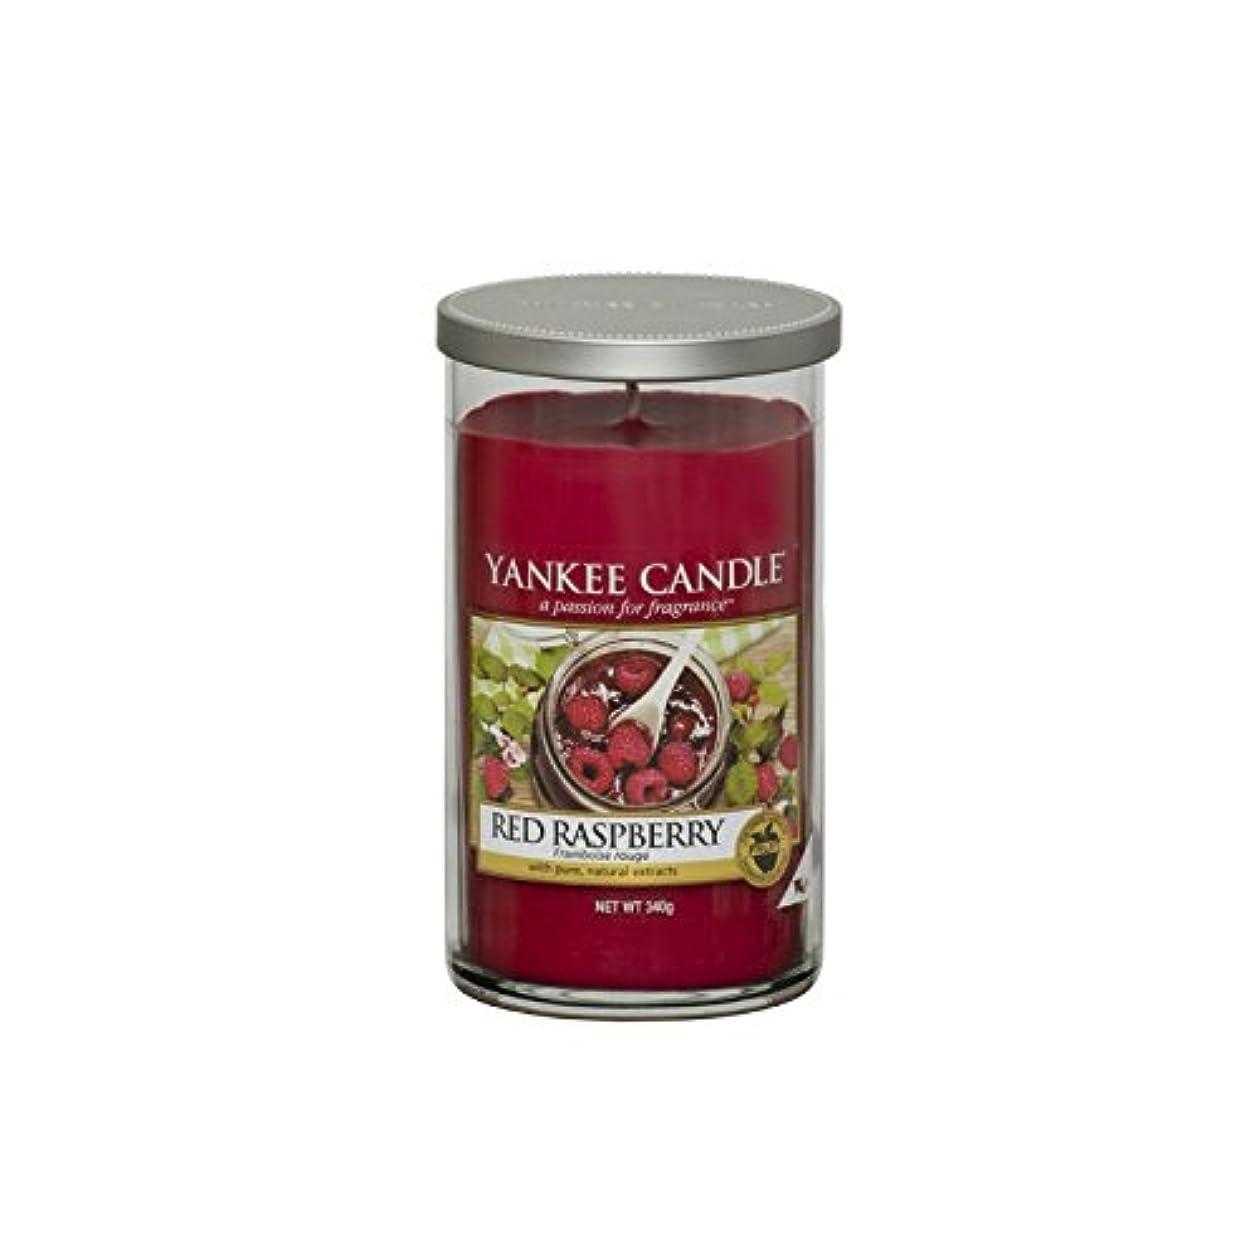 シャツ頂点暗殺者Yankee Candles Medium Pillar Candle - Red Raspberry (Pack of 6) - ヤンキーキャンドルメディアピラーキャンドル - レッドラズベリー (x6) [並行輸入品]